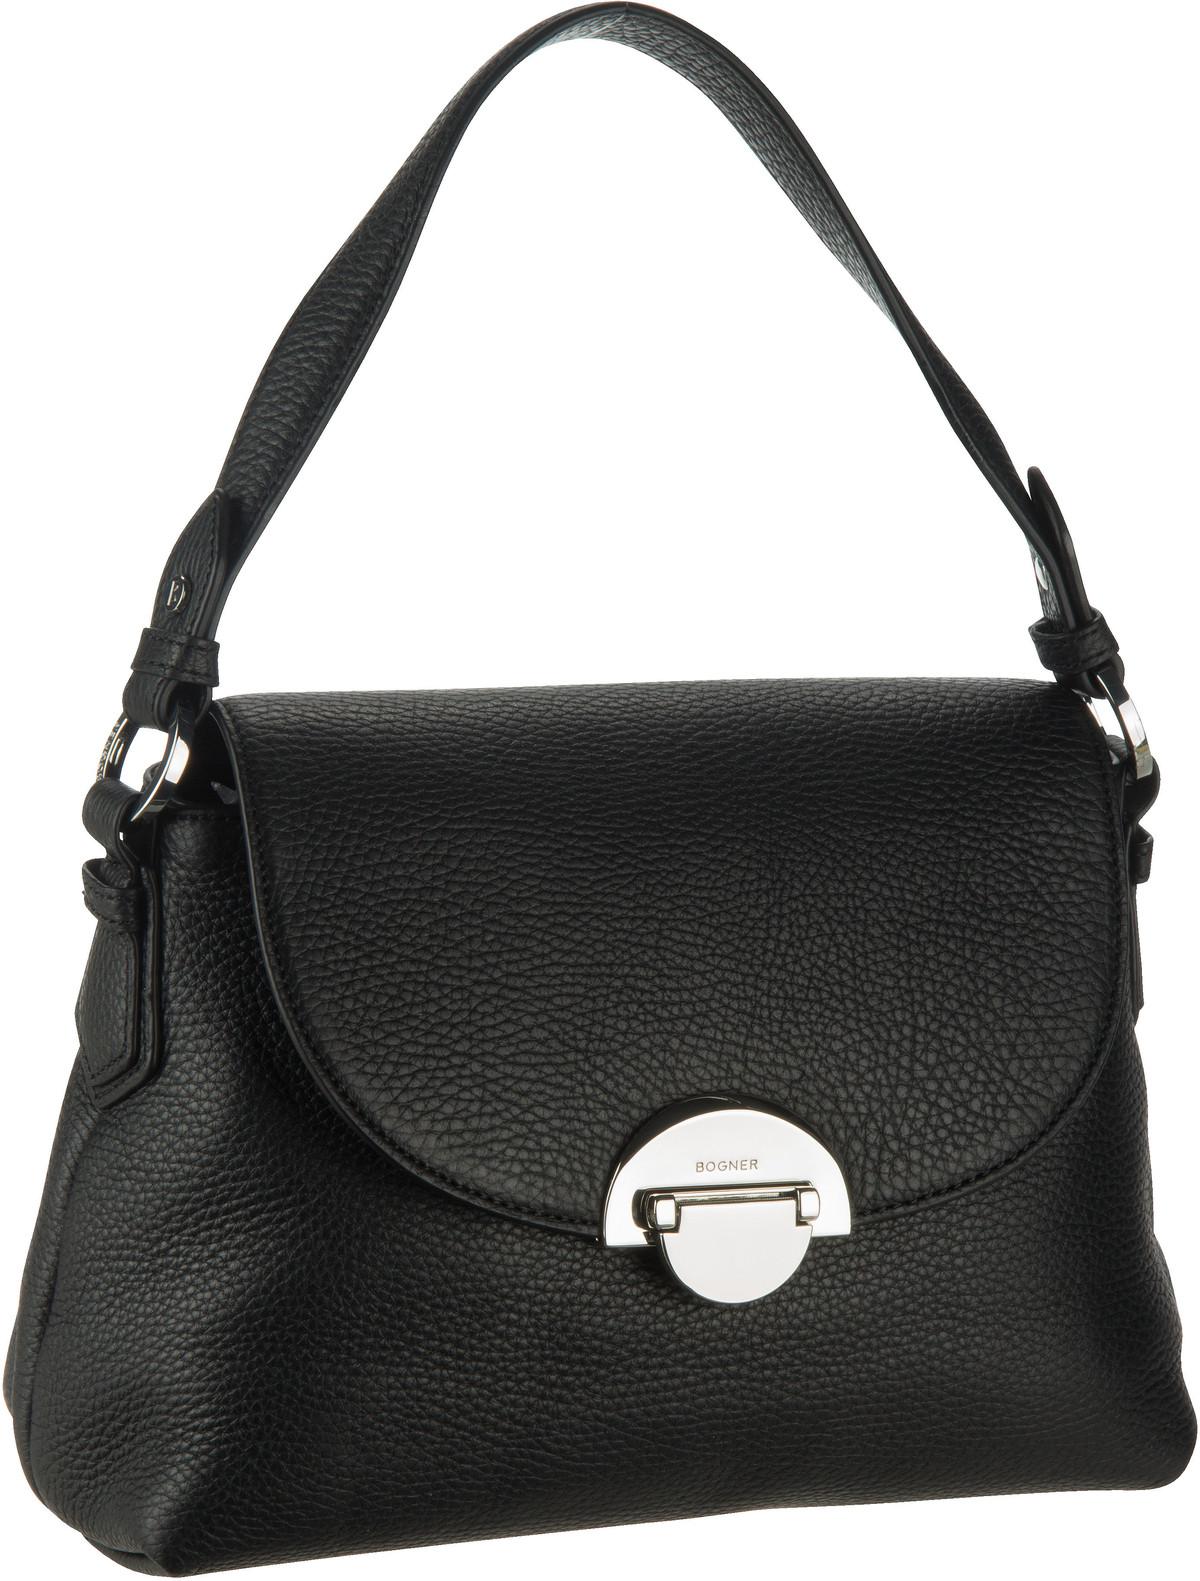 Handtasche Sulden Annie ShoulderBag SHF Black